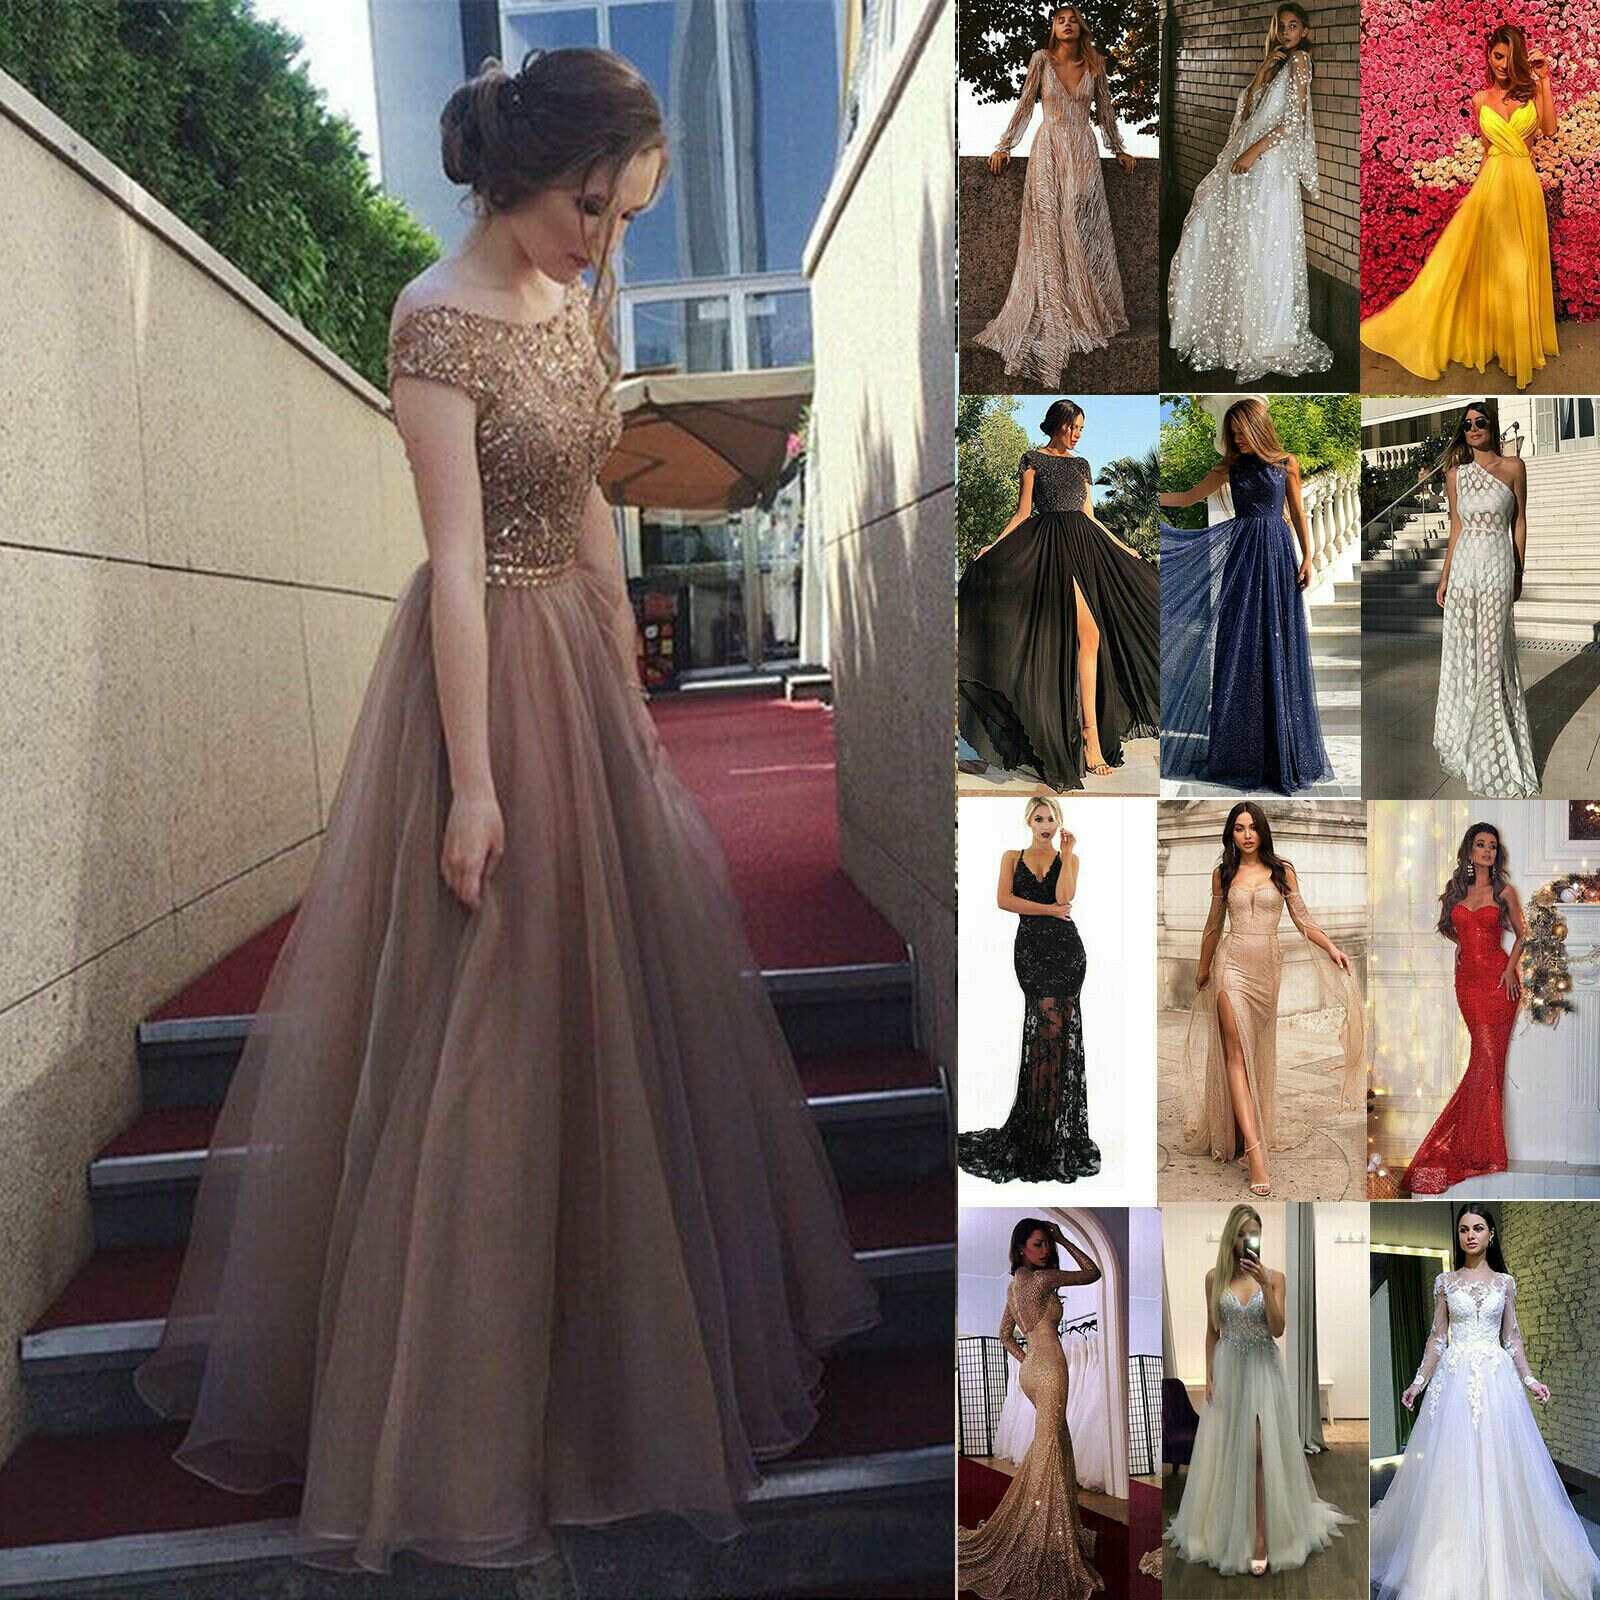 Designer Schön Abendkleid Für Hochzeit Boutique13 Wunderbar Abendkleid Für Hochzeit Design